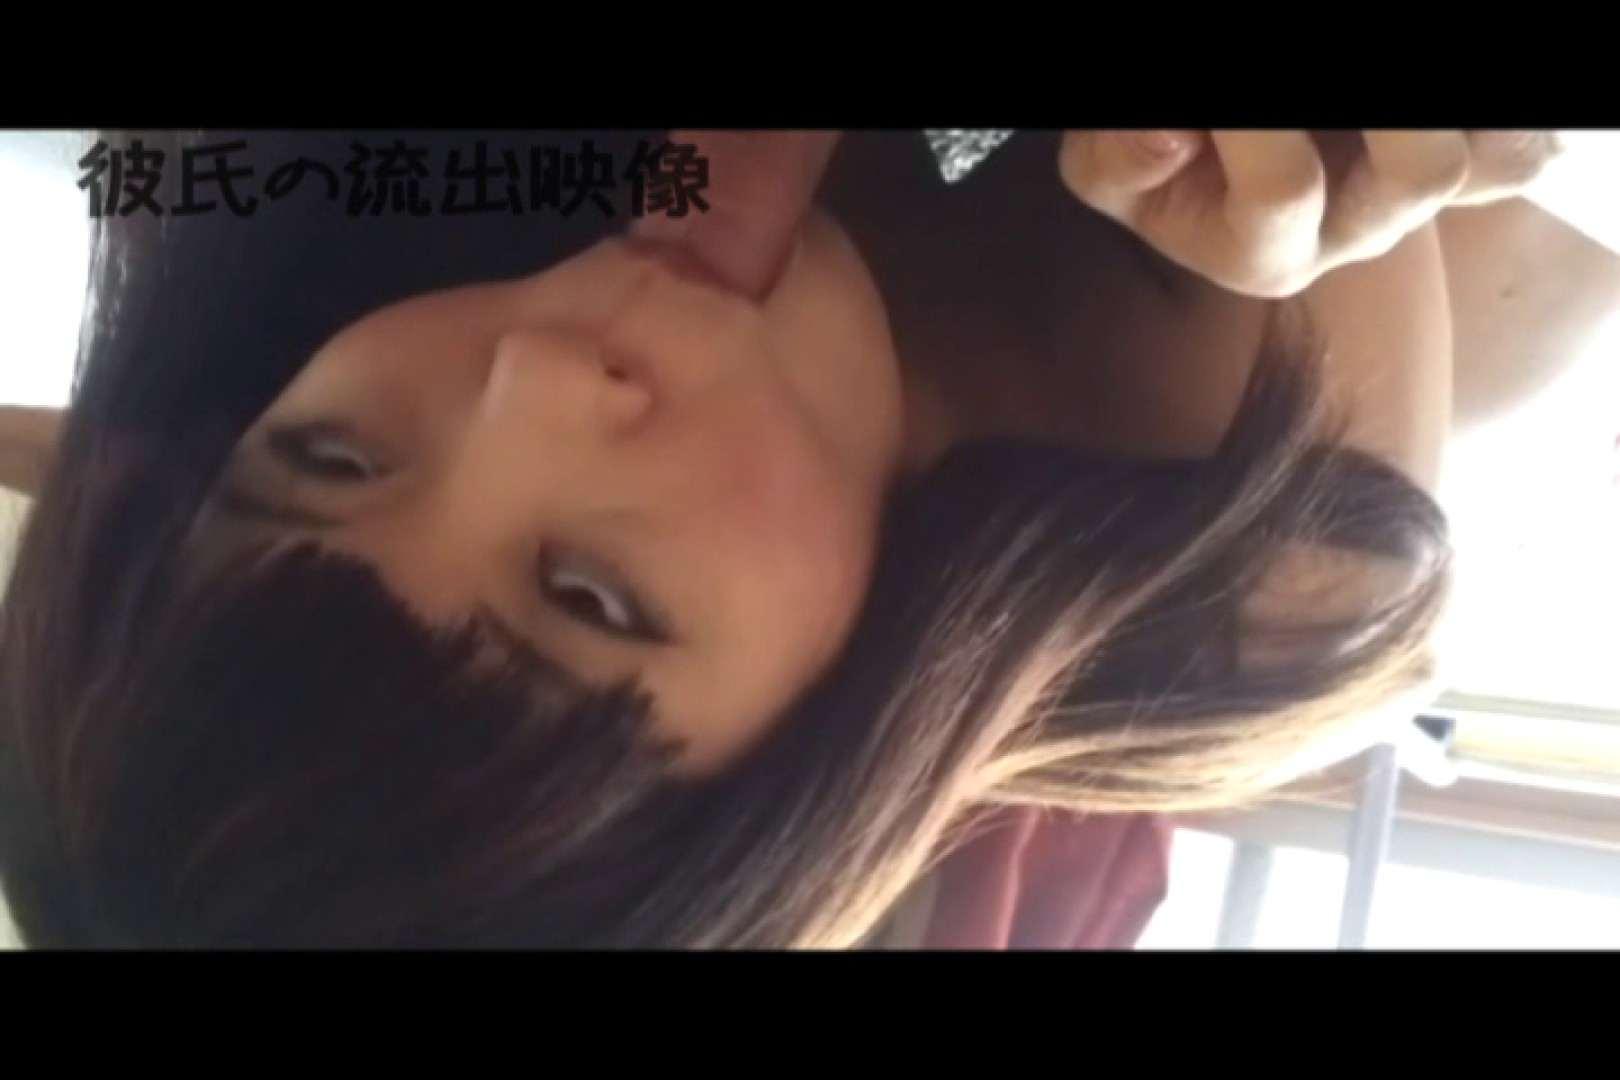 彼氏が流出 パイパン素人嬢のハメ撮り映像03 カップル | 可愛いパイパン  92pic 3